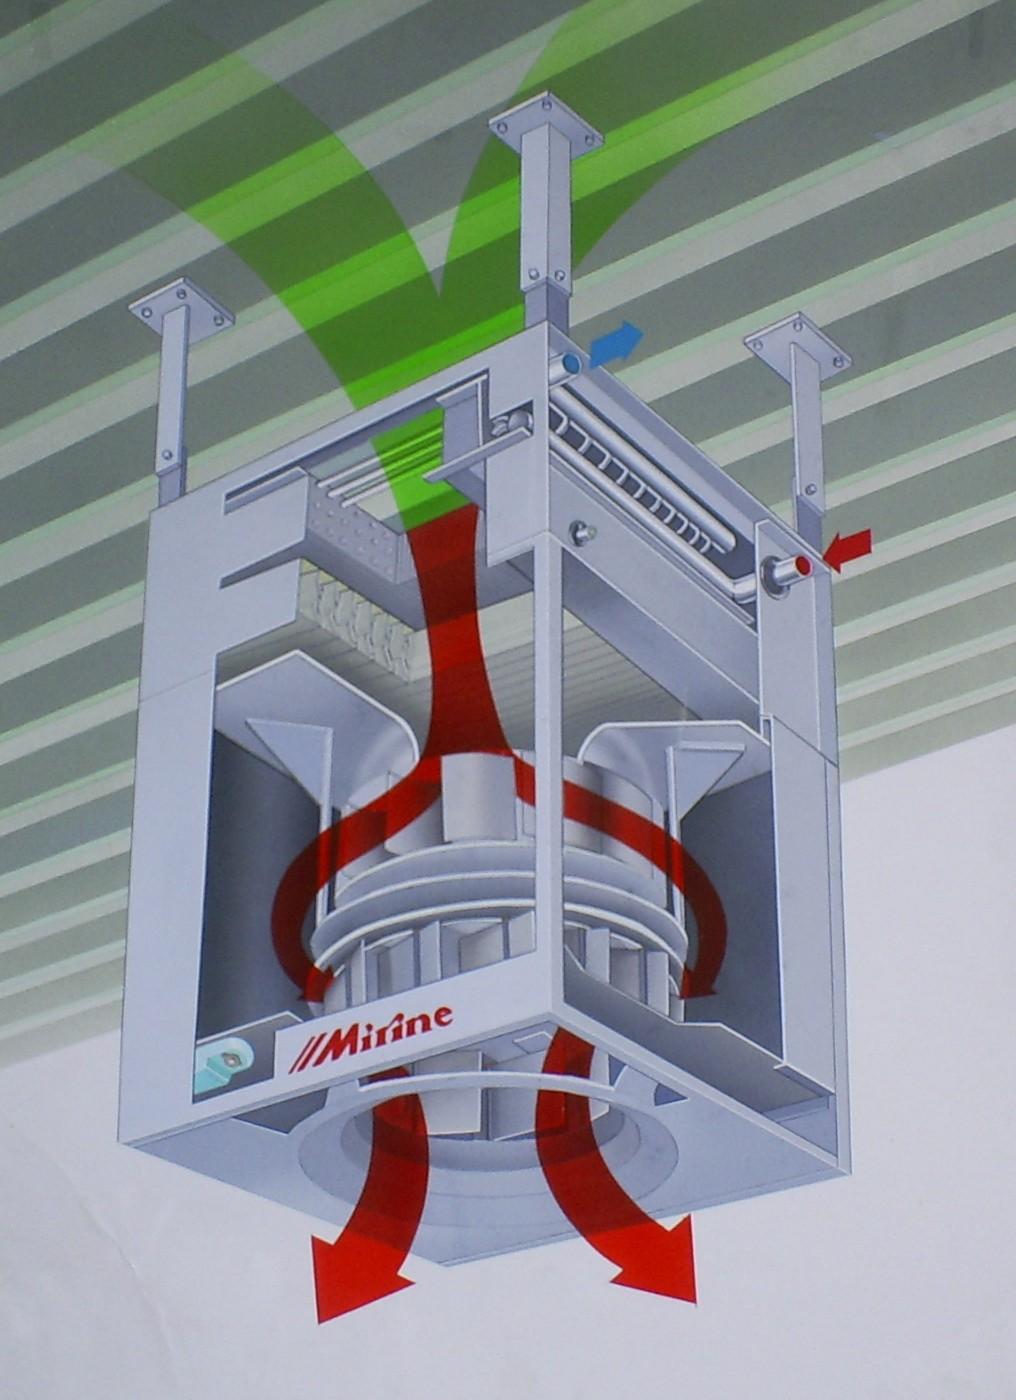 瑞繁(北京)高大空间空调循环机组(机型:DCF-D-8),外观尺寸是1100(长)*1100(宽)*1434(高);功率1.2kw;预过滤器类型的难燃材质,边框为铝板制作而成;壳体为覆铝锌板,翅片为铝板,铜管规格为Ø15.9,壁厚0.7mm,最大使用压力0.8Mpa,冷热水接管口径:DN40,冷凝水量:120kg/h,冷凝水接管DN25,压力损失29.